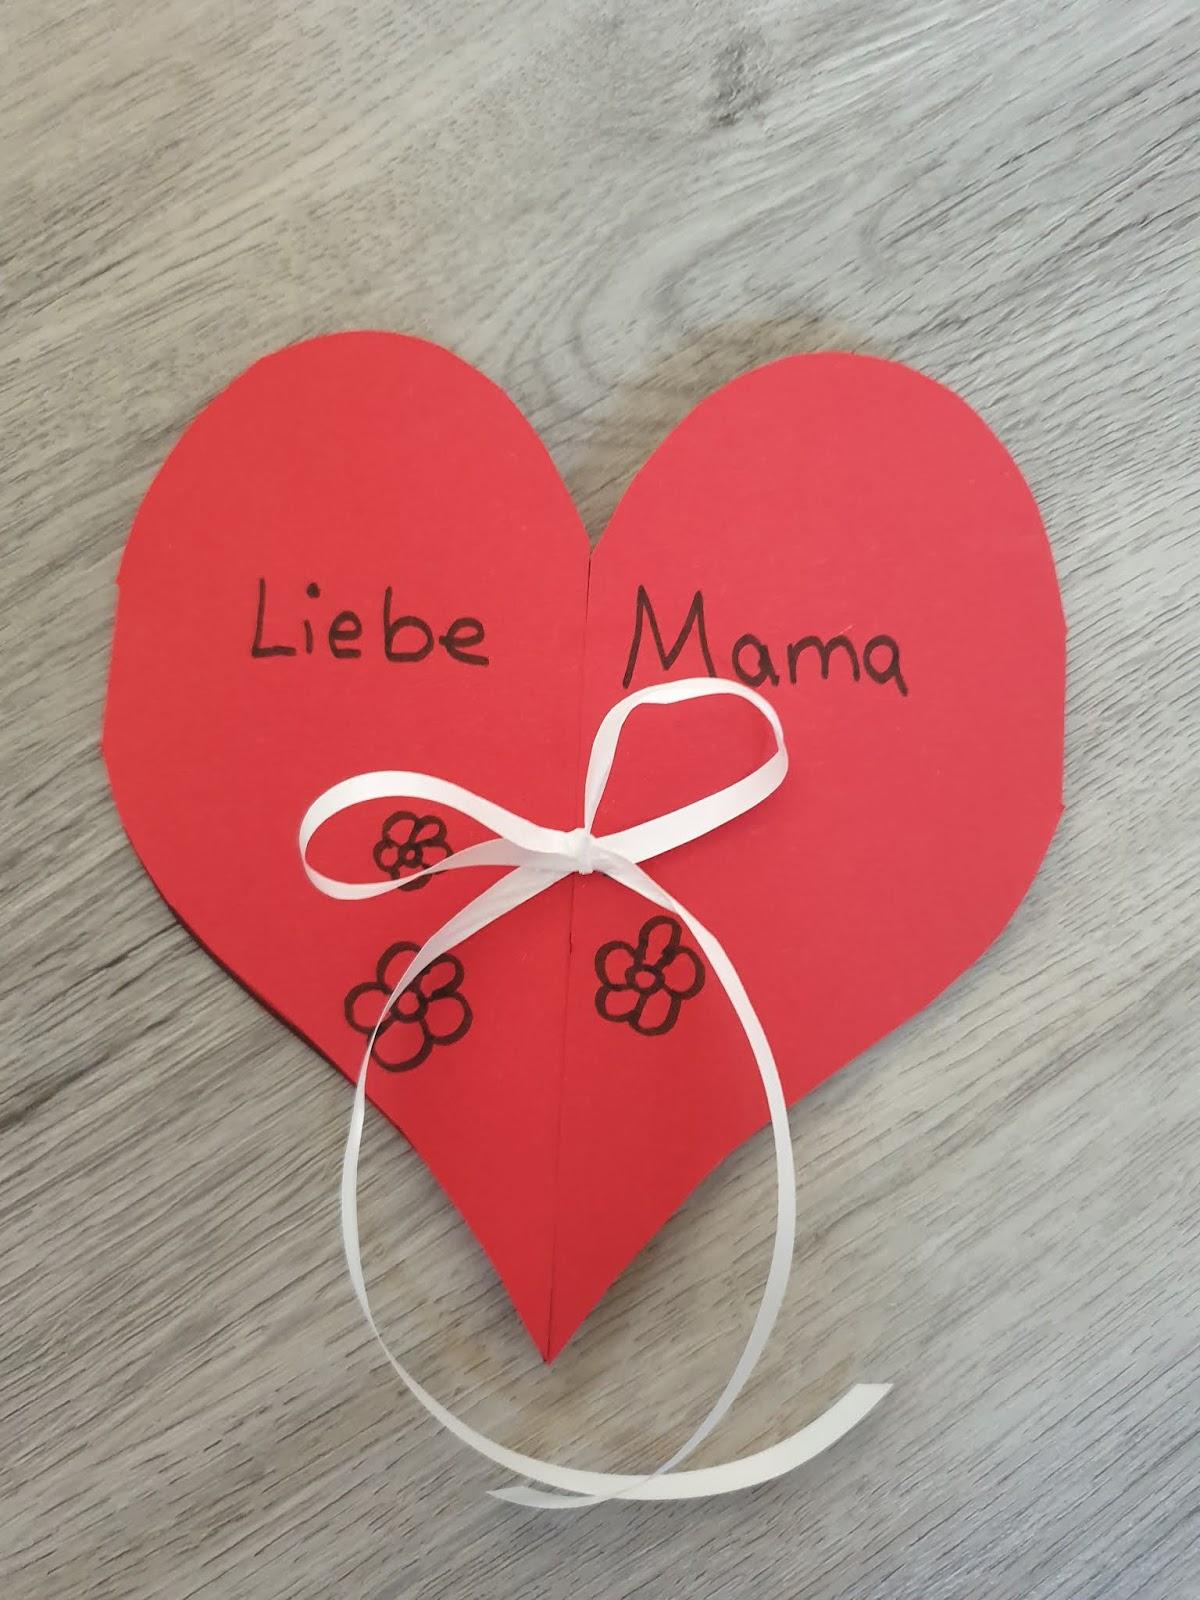 Geburtstagsgeschenk Mama Diy 5 Geschenke Tipps Selbstgemacht